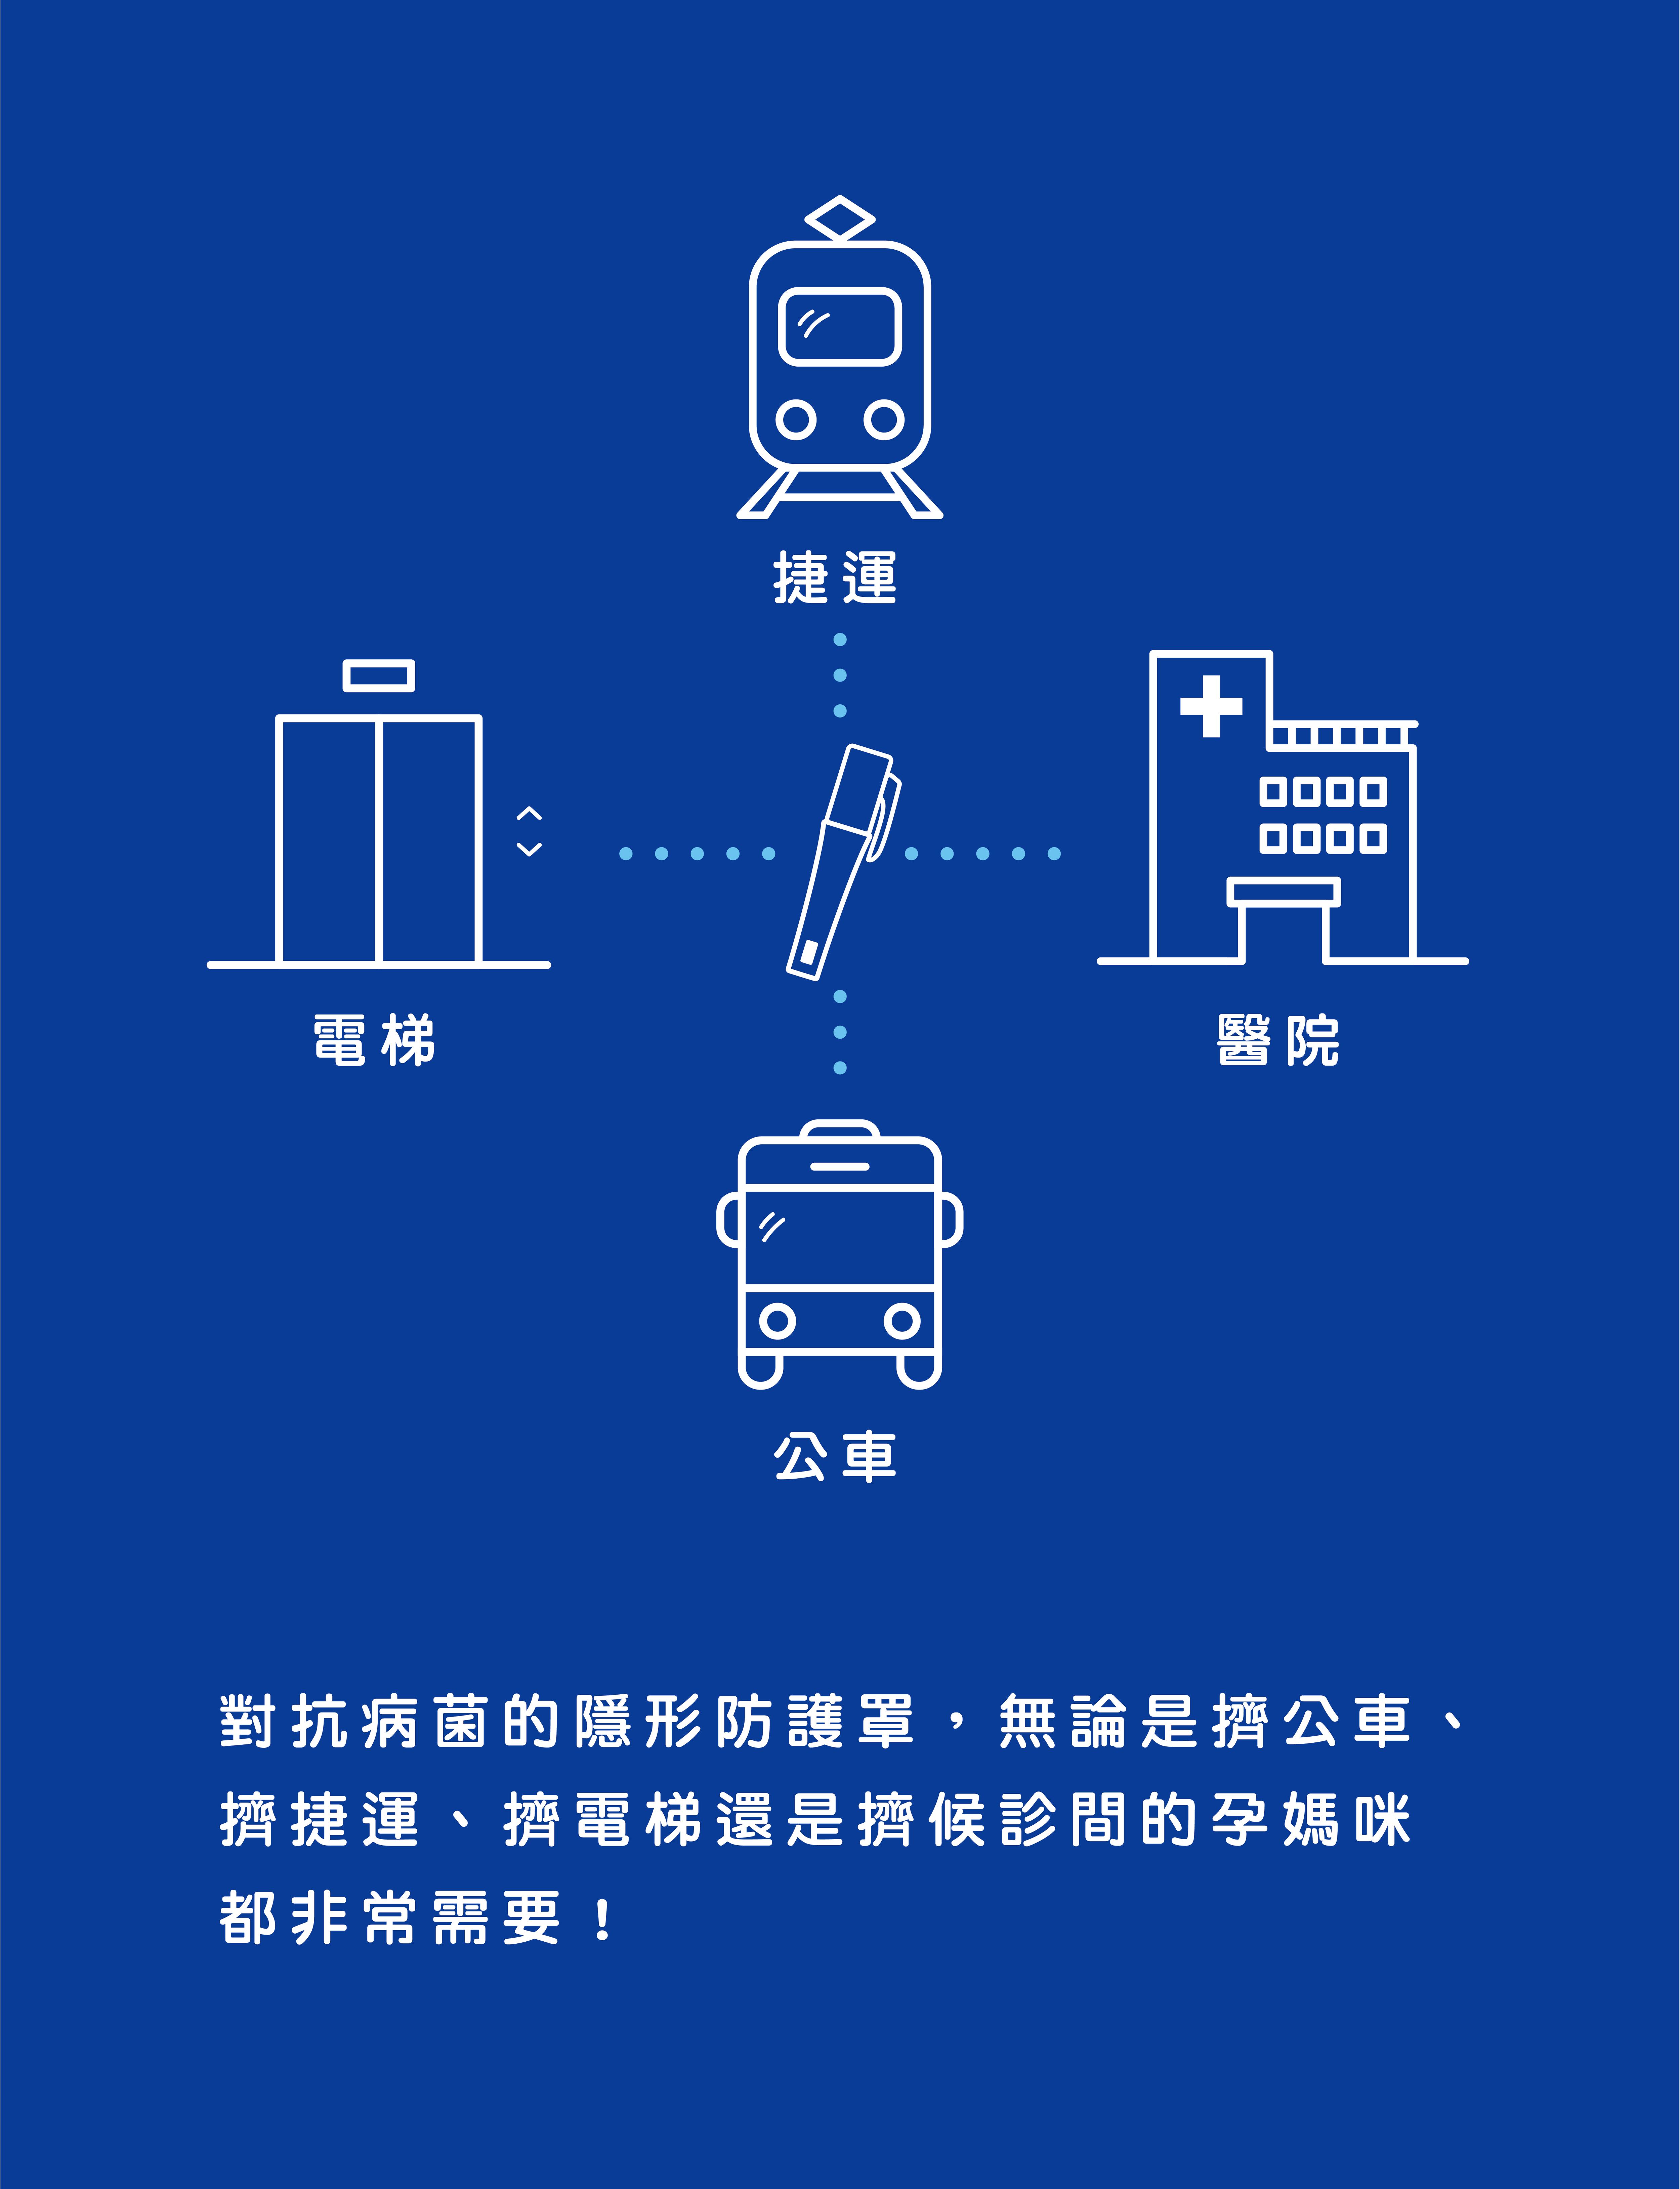 加護靈筆型是對抗病菌的隱形防護罩,無論是擠公車、 擠捷運、擠電梯還是擠候診間的孕媽咪都非常需要!